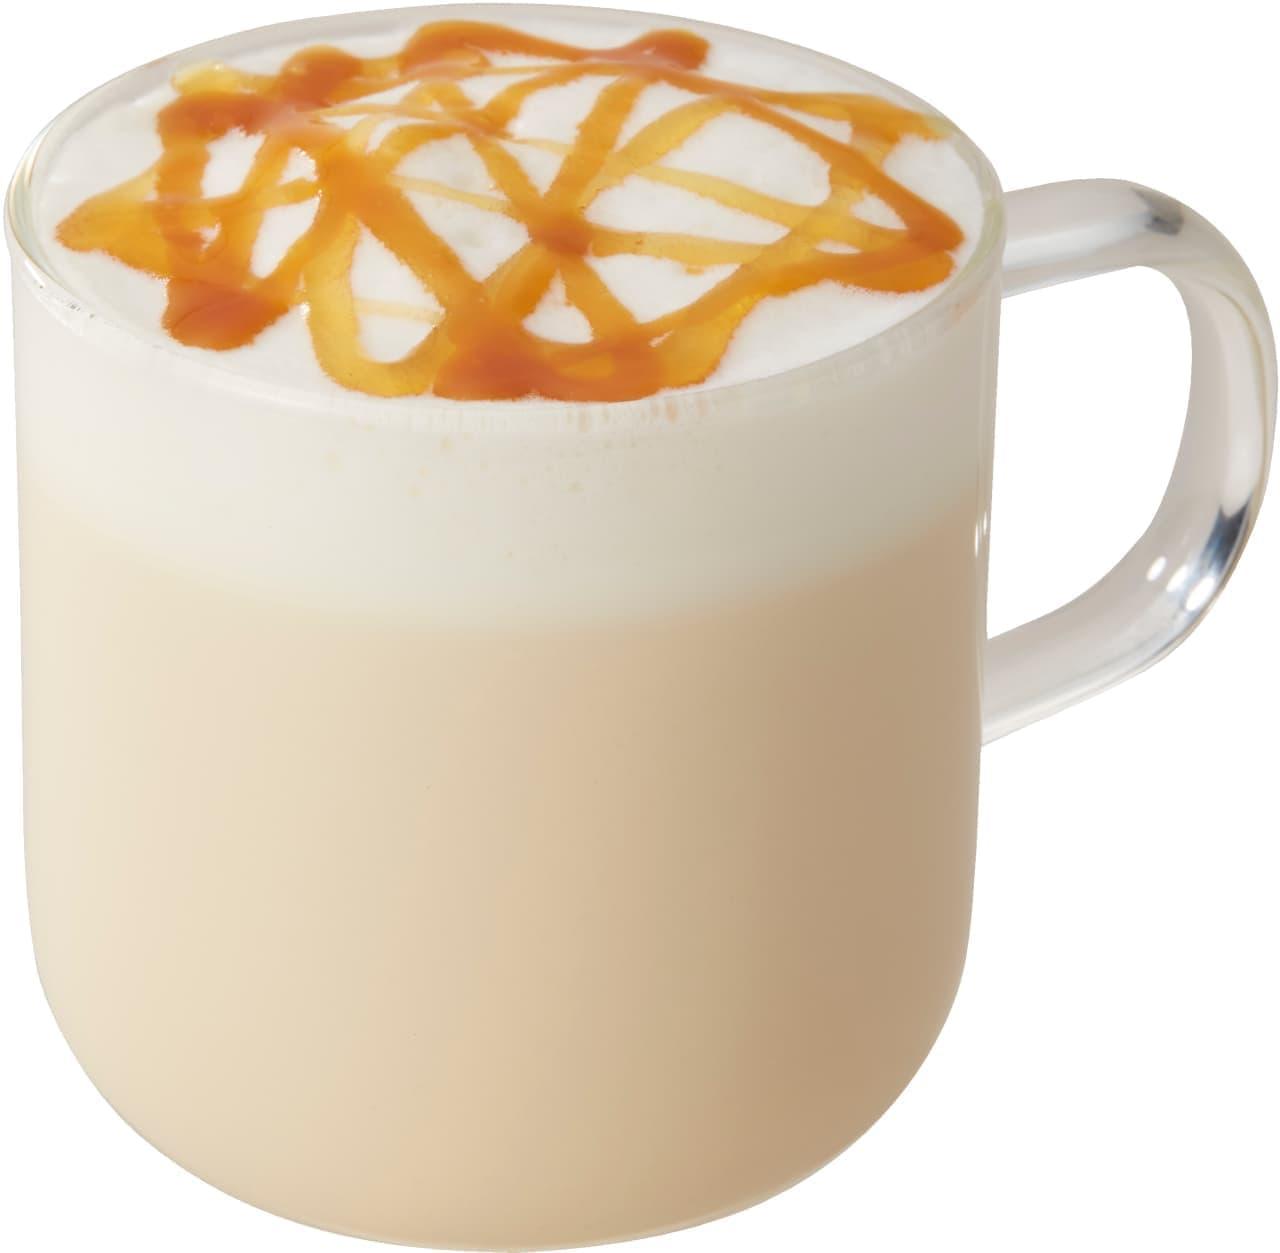 コーヒービーン&ティーリーフに「ロースト チェスナッツ アイスブレンディッド」「ロースト チェスナッツ ラテ」